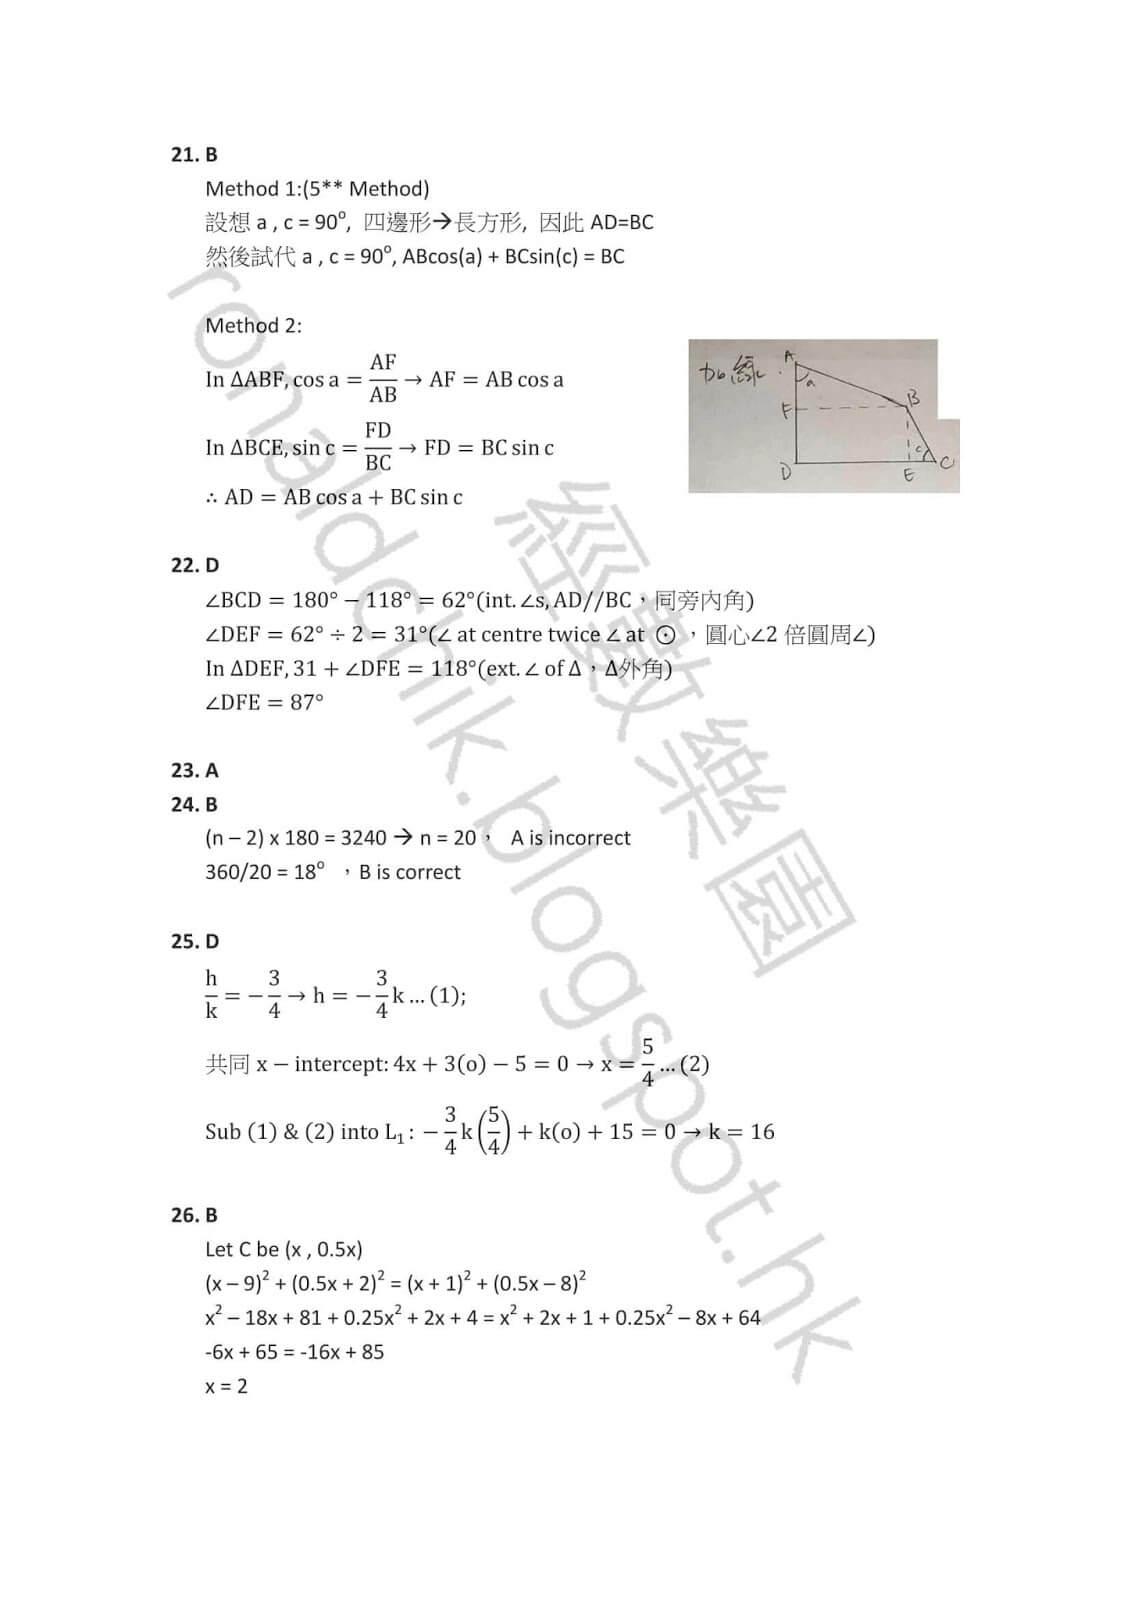 2016 DSE Math Paper 2 數學 卷二 答案 Q.21,22,23,24,25,26